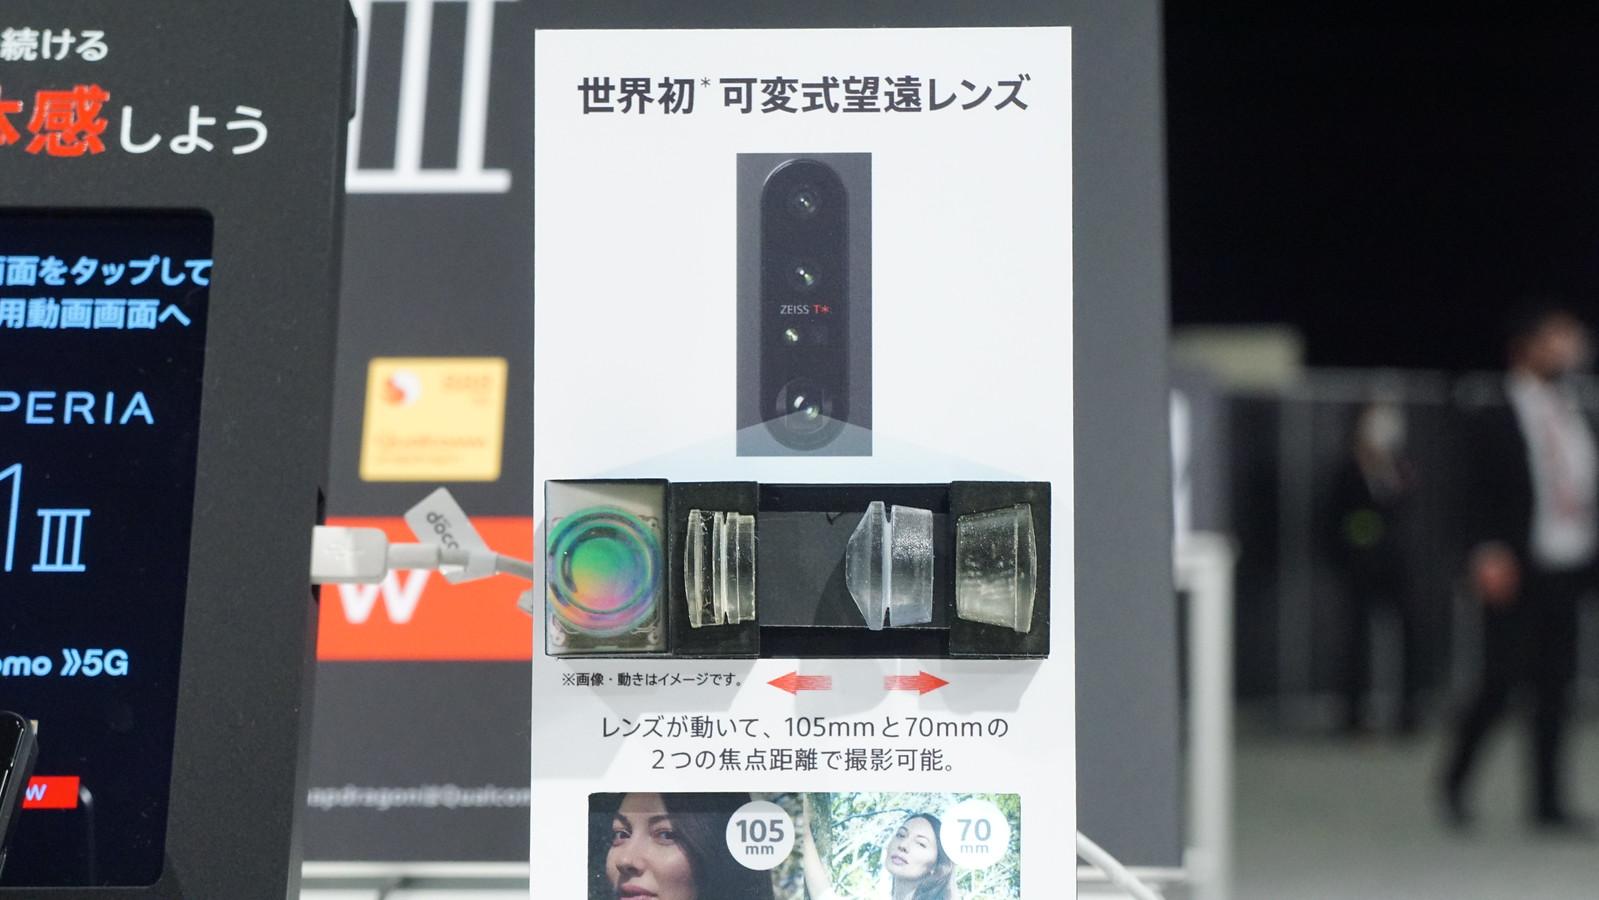 Xperia 1 IIIのカメラ。世界初の可変式望遠レンズ。内部でレンズがスライドするように動いて105mmと70mm、2つの焦点距離で撮影可能